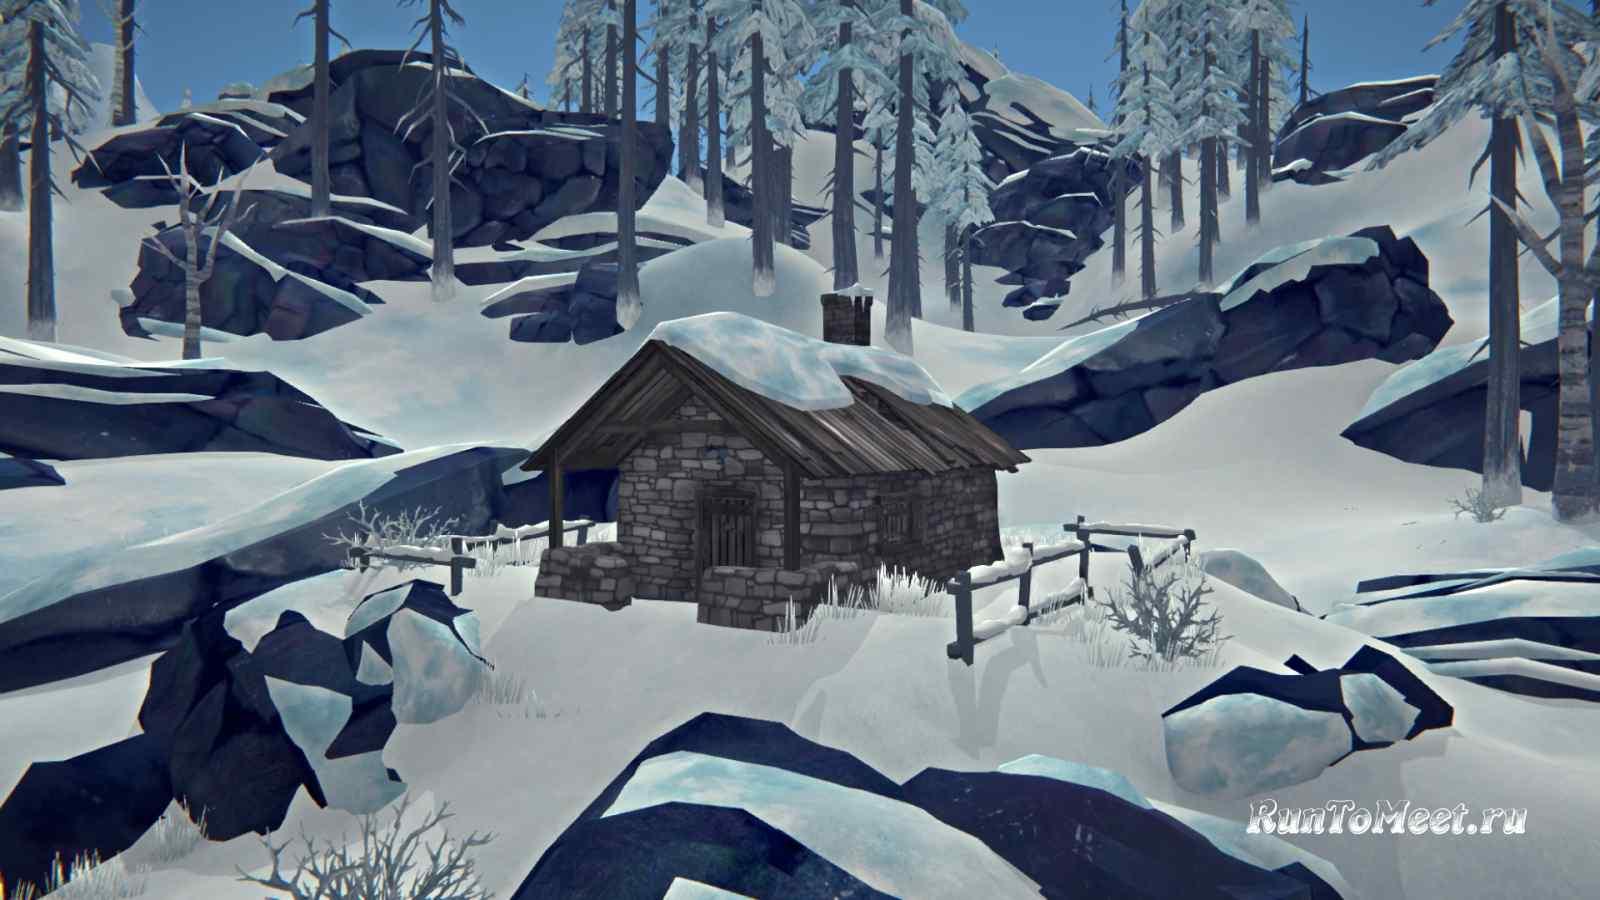 Хижина альпиниста на Волчьей горе, в игре The long dark